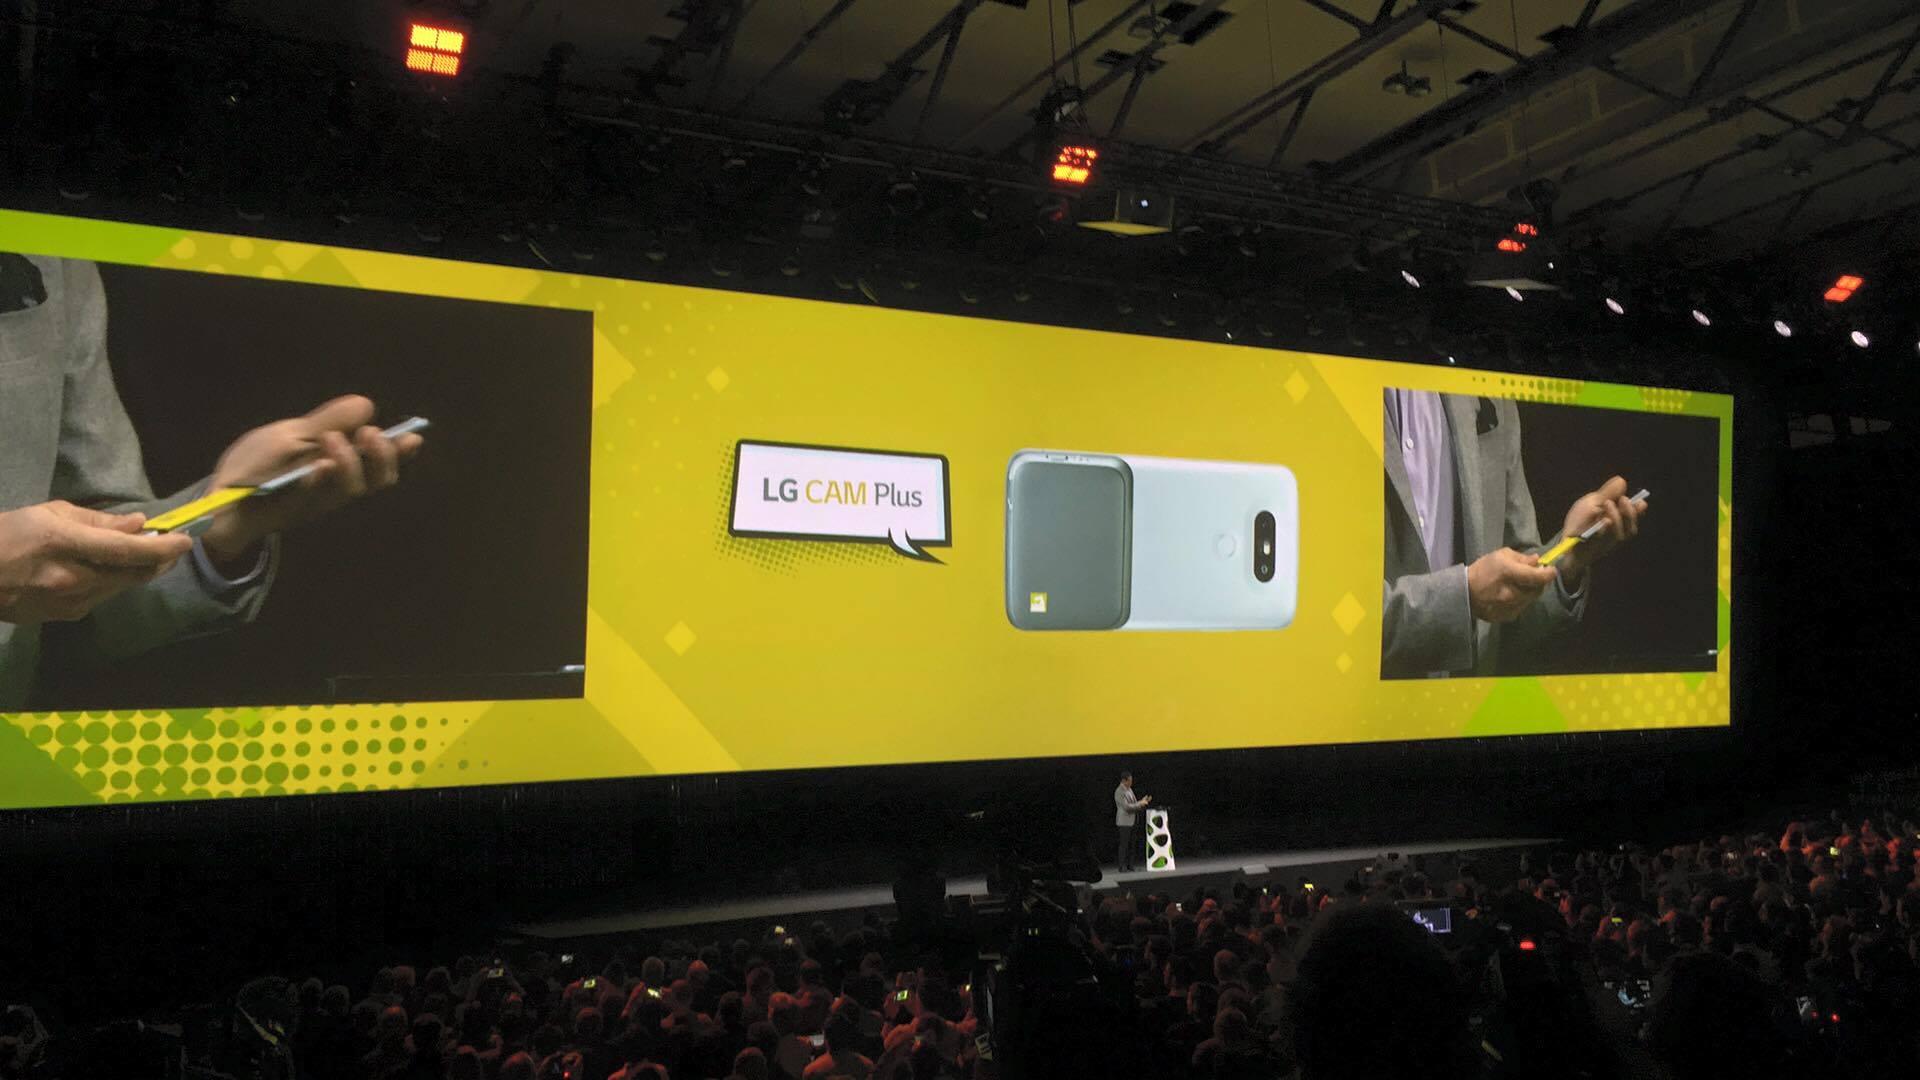 LG-G5-akilli-telefon-canli-yayin-technopat (16)